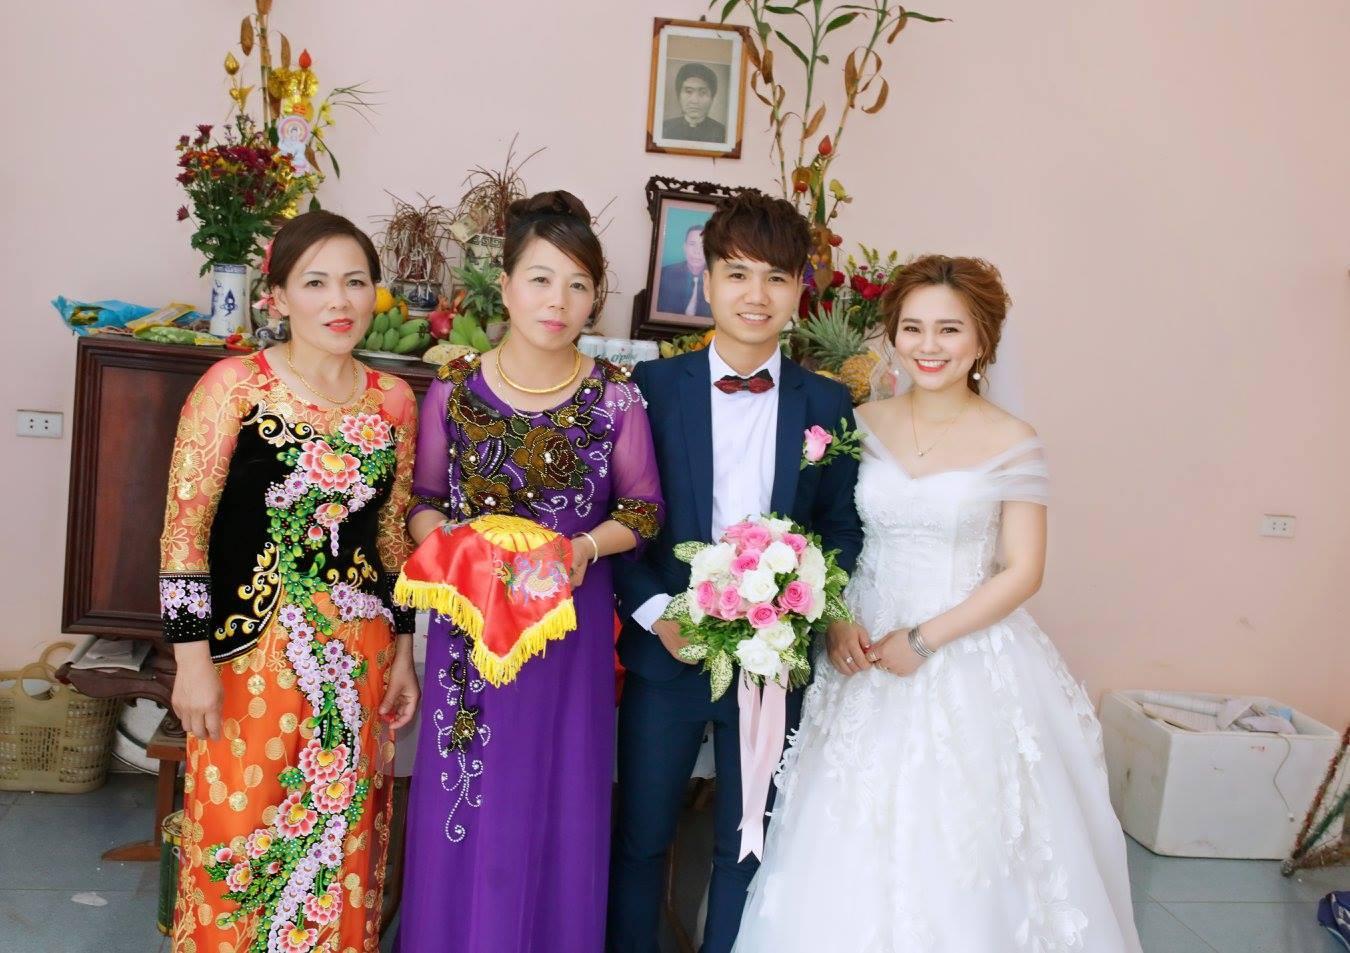 đám cưới, giáo viên mầm non, nhảy đám cưới, cô dâu, chú rể